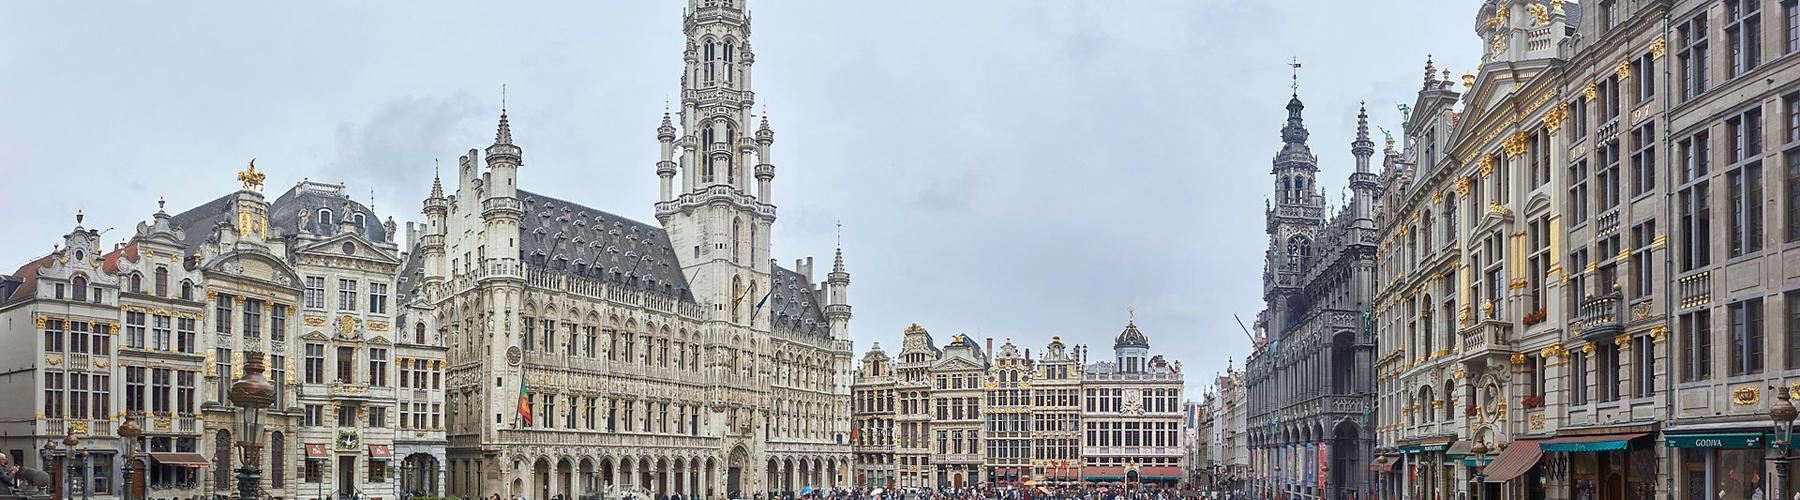 브뤼셀 - 그랜드 플레이스와 가까운 호스텔. 브뤼셀의 지도, 브뤼셀에 위치한 호스텔 사진 및 후기 정보.